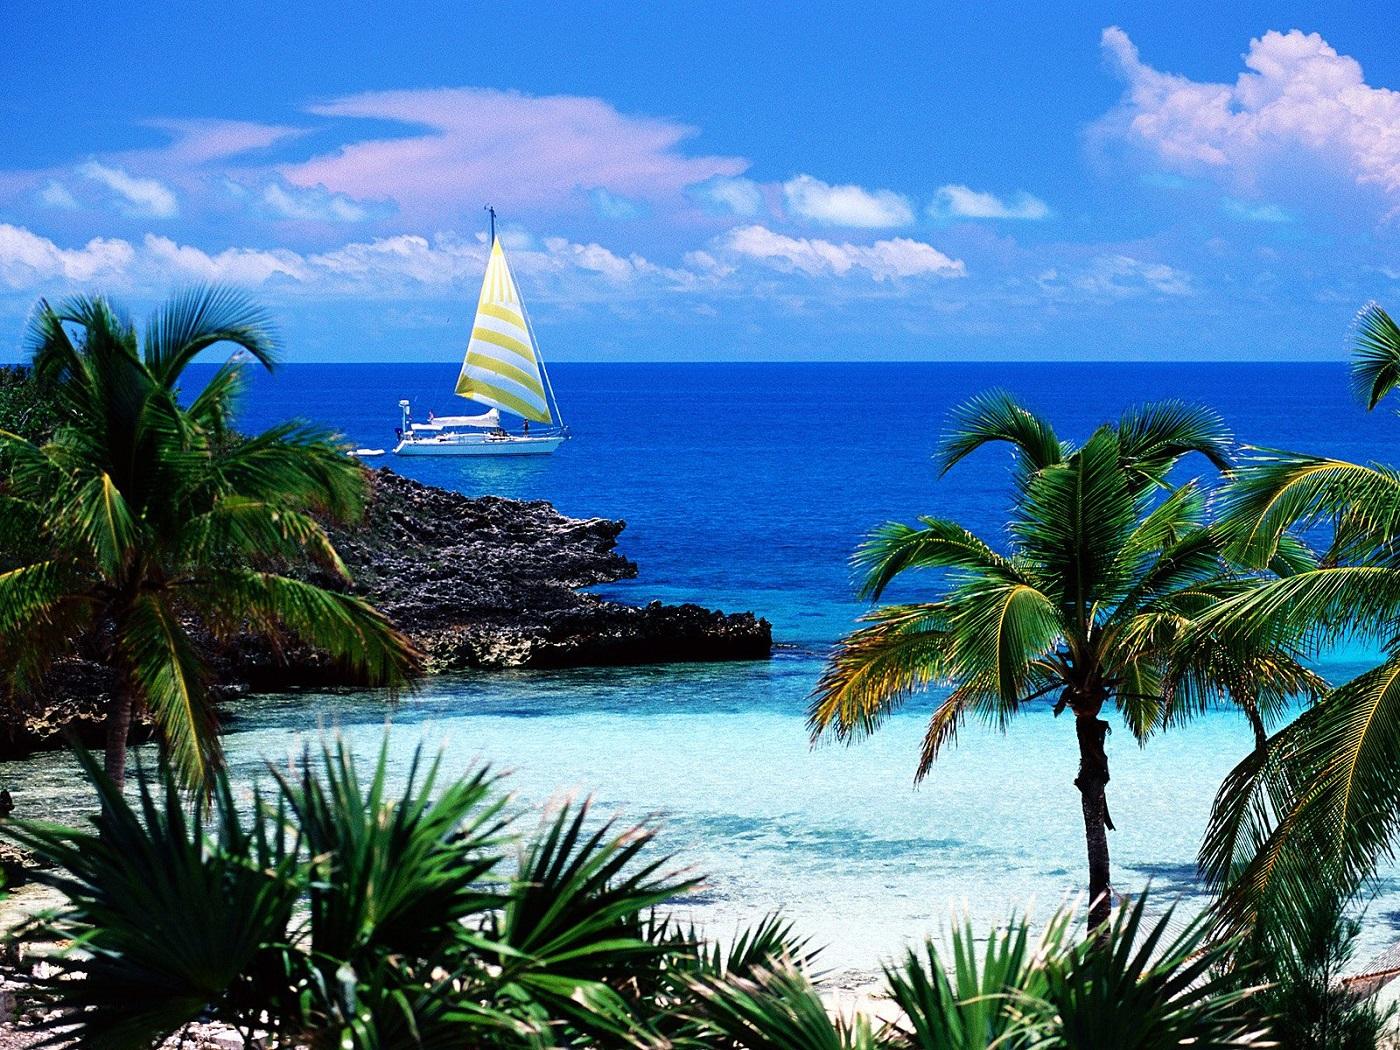 Plimbările pe apă sunt o încântare pentru turiștii care vizitează Kamalame Cay